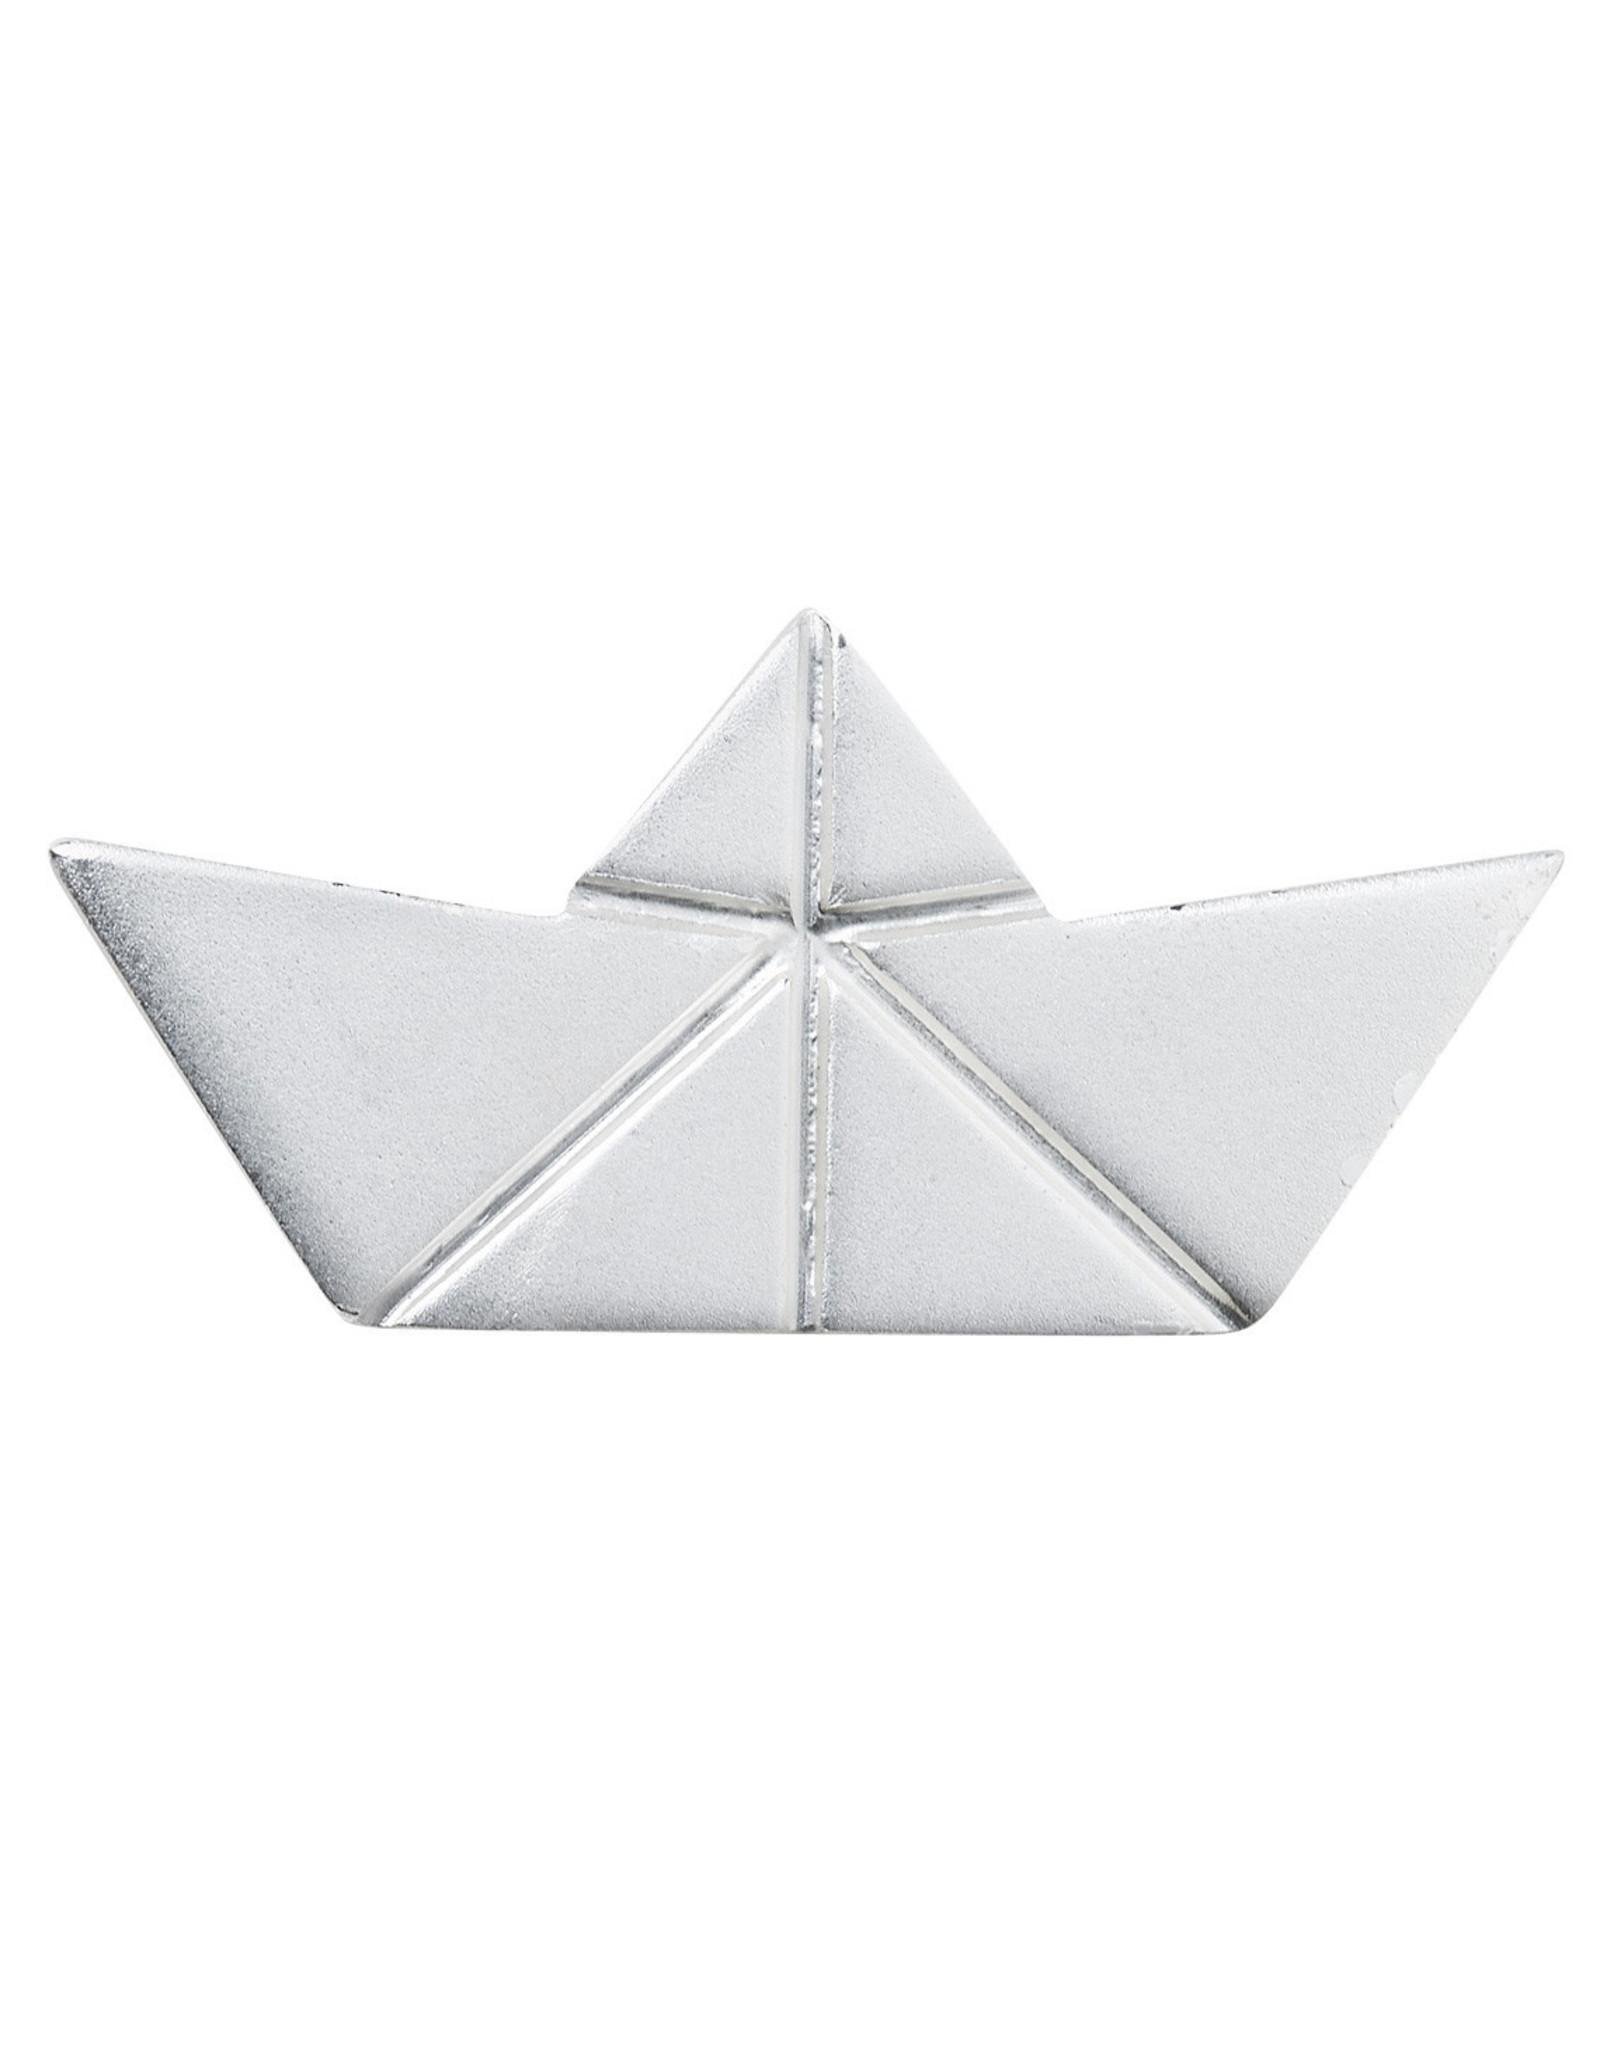 Raeder broche boot origami zilver